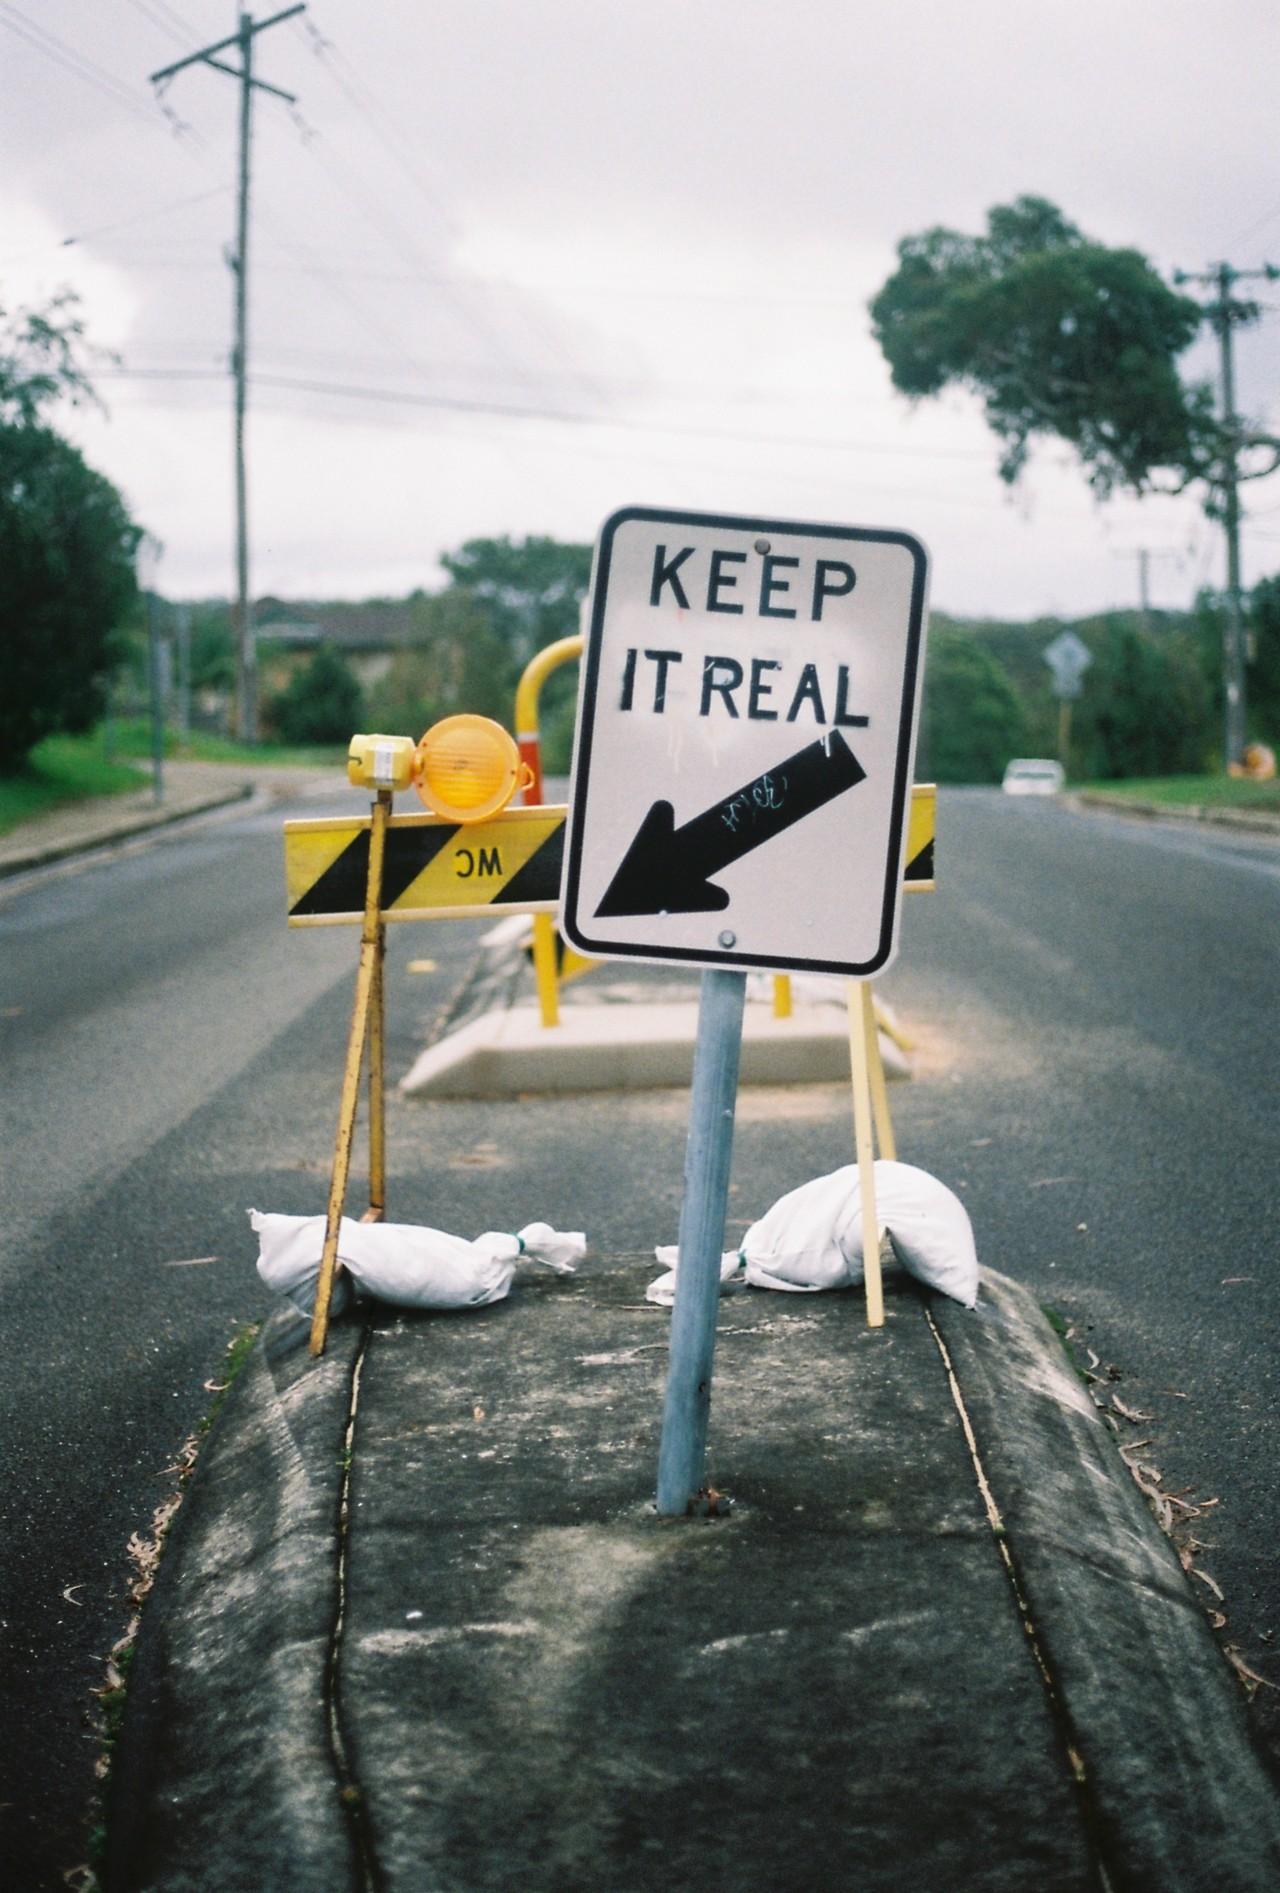 You Know I Keep It - Sydney, Australia